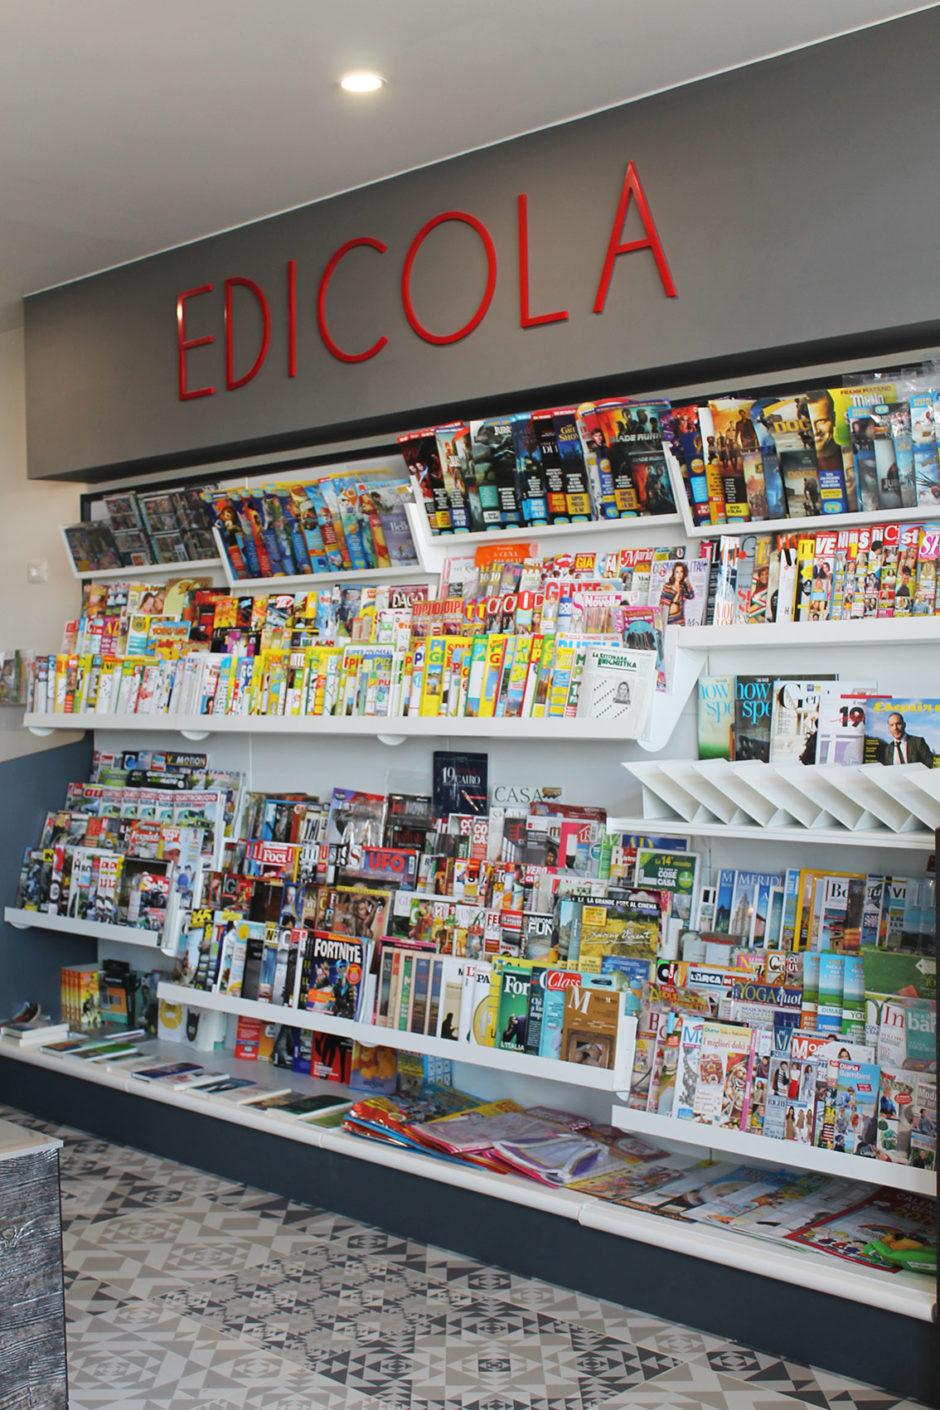 Negozi Di Arredamento A Modena.Arredamenti Bar Tabaccherie Modena E Reggio Emilia Farredo